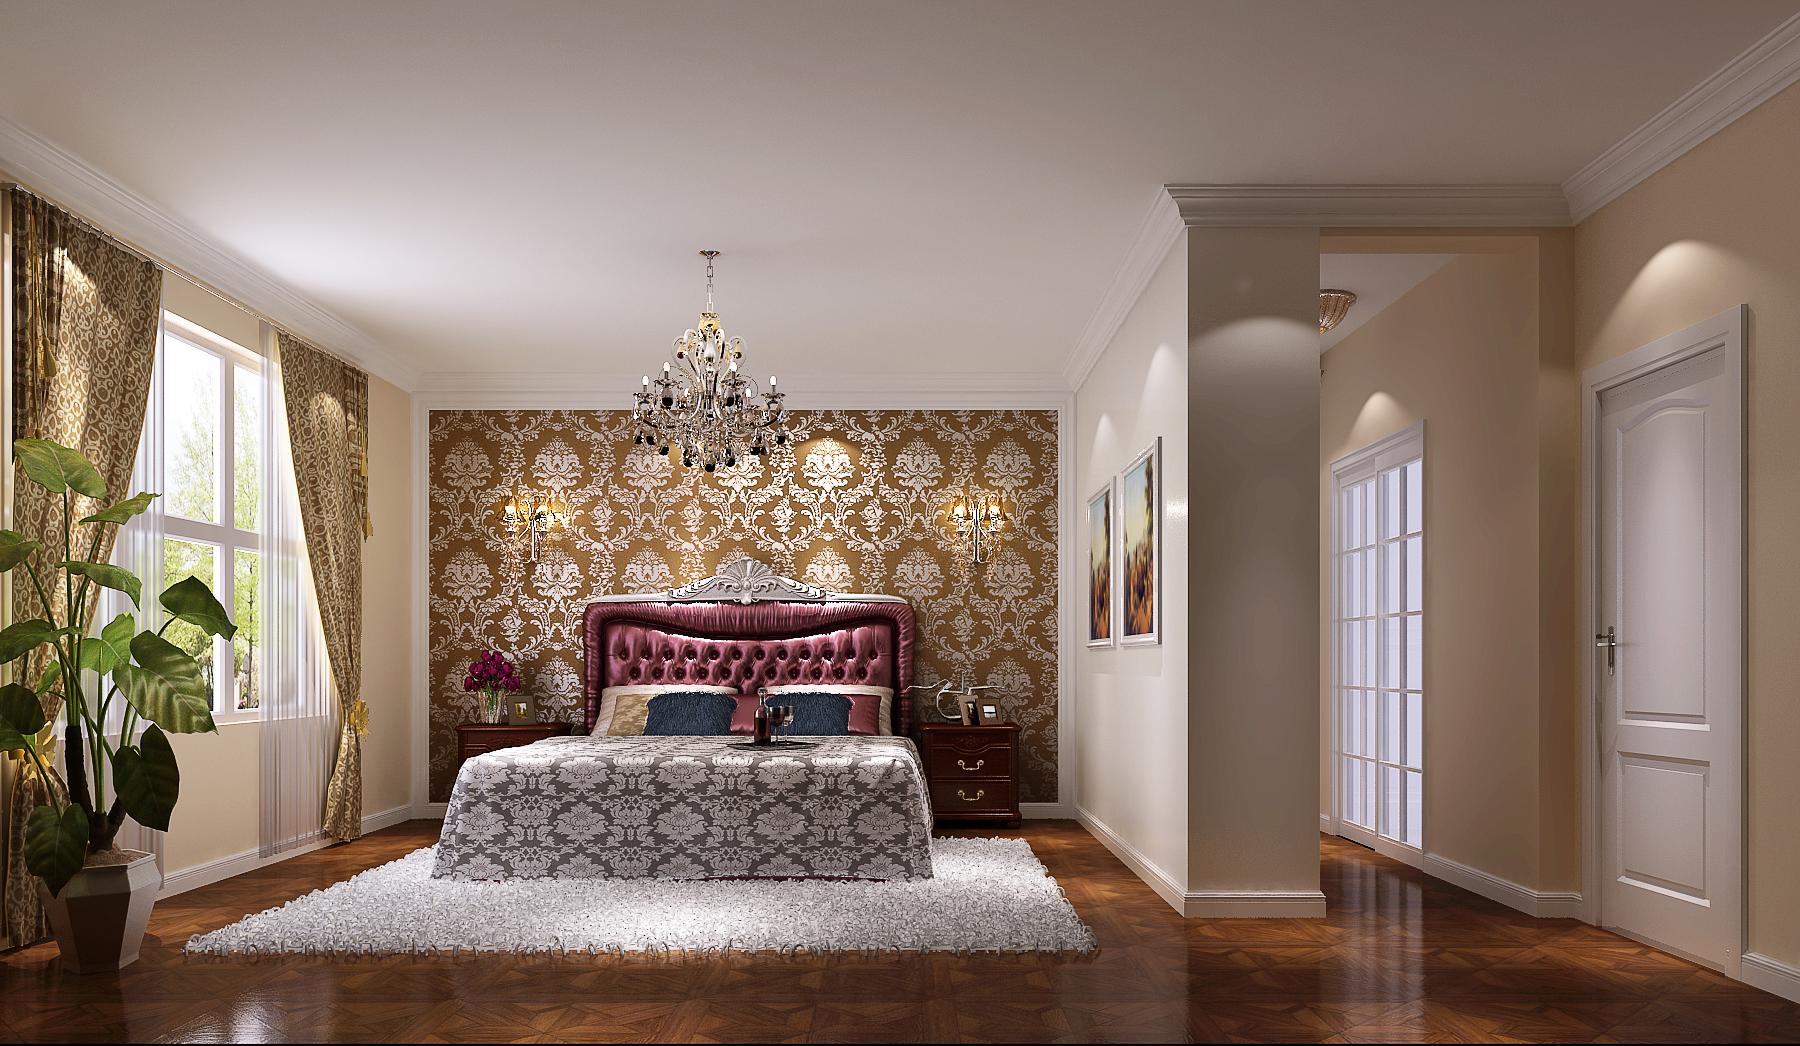 简约 欧式 混搭 白领 收纳 二居 小资 高度国际 小清新 卧室图片来自高度国际王慧芳在五万打造简约欧式鲁能七号院的分享